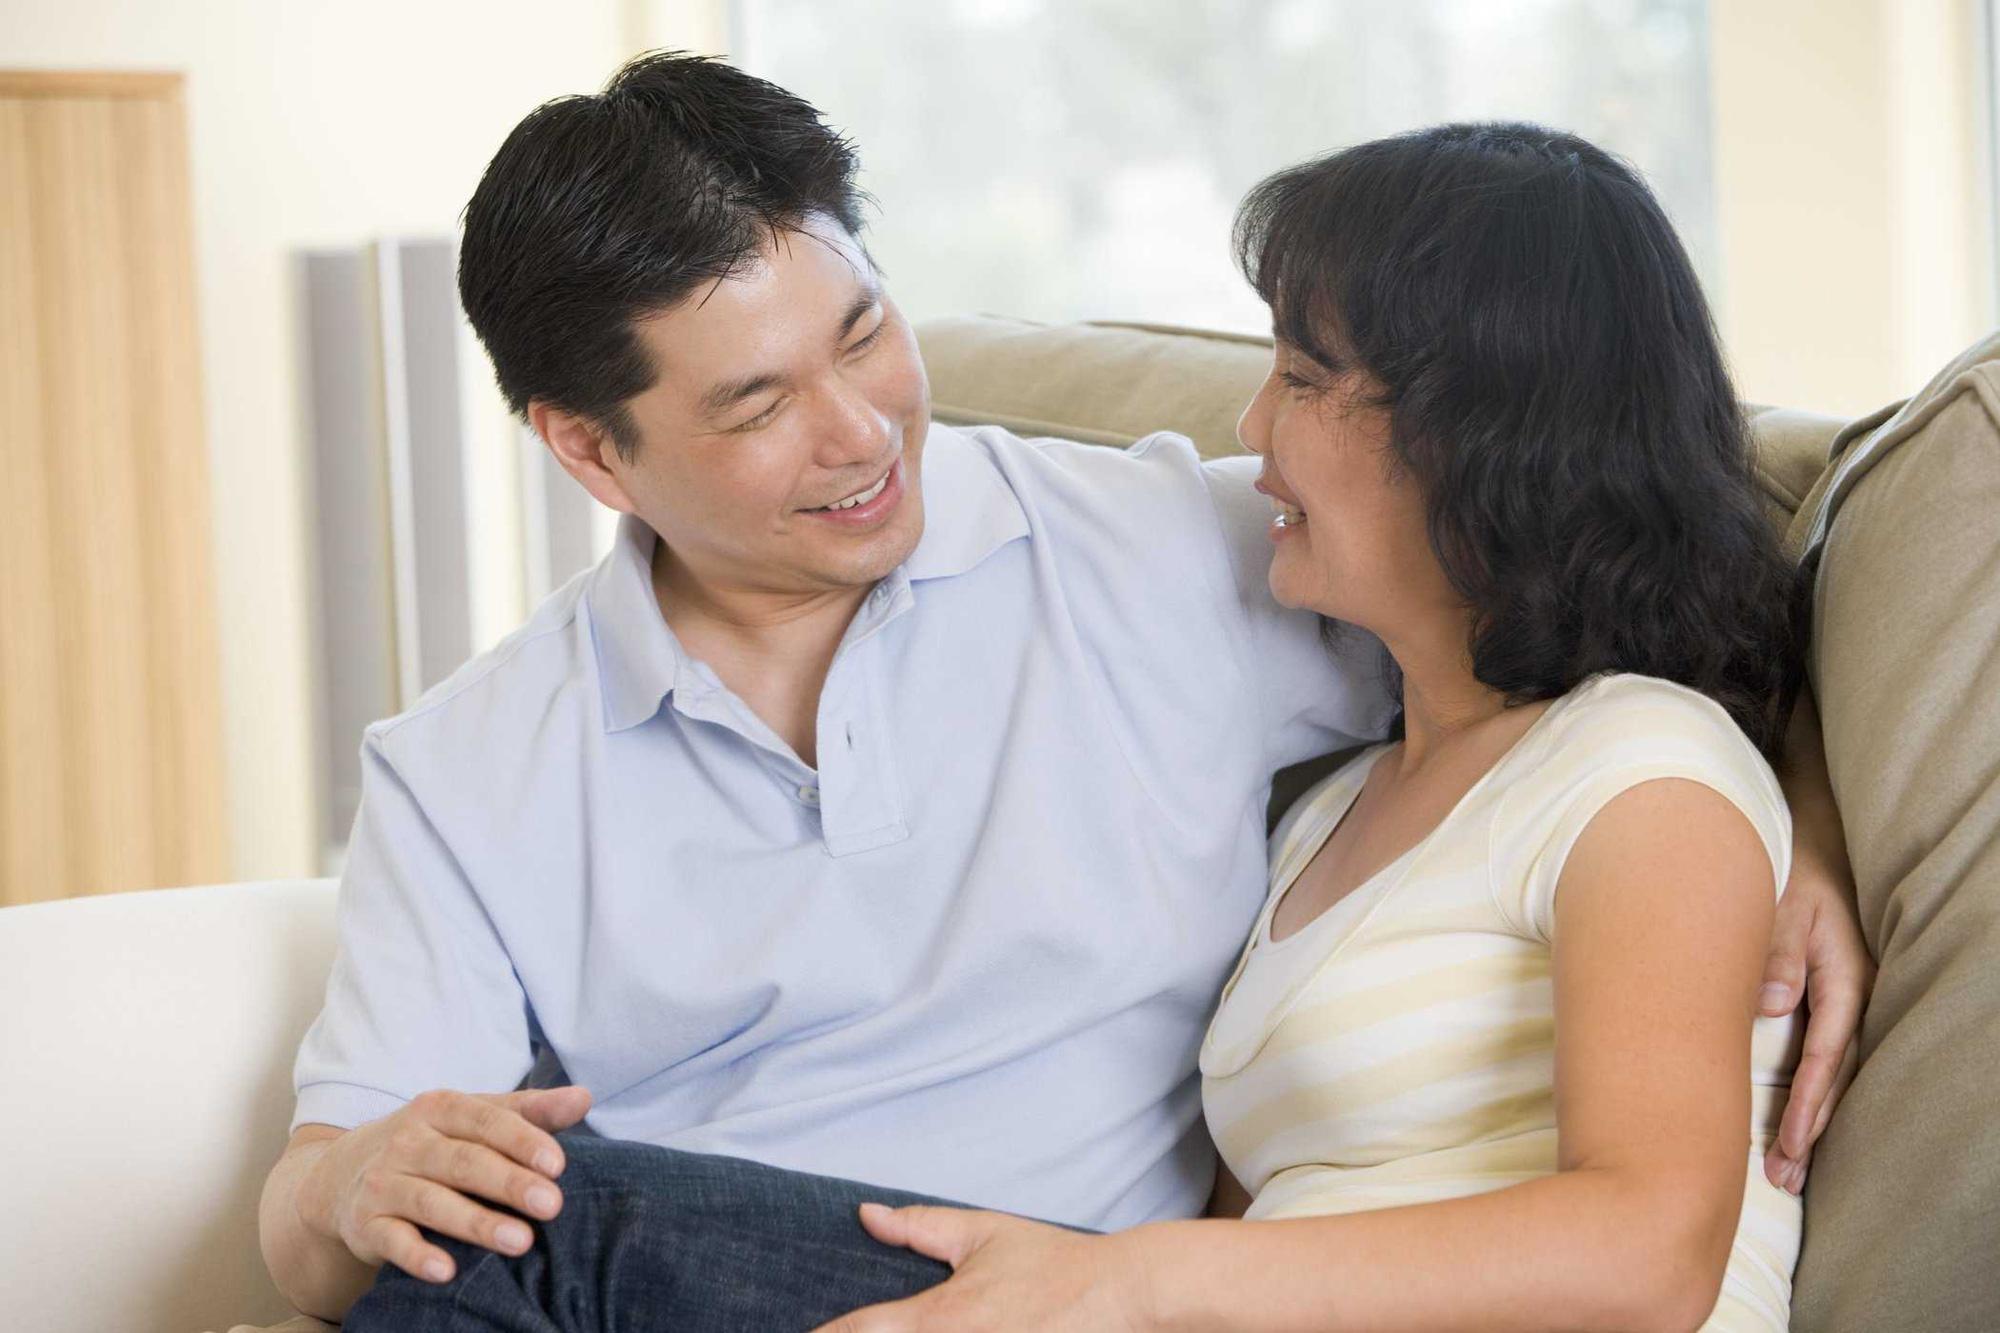 """Vừa tái hôn của chị giúp việc 48 tuổi đã tức """"cành họng"""", chạy """"mất dép"""" - Ảnh 2."""